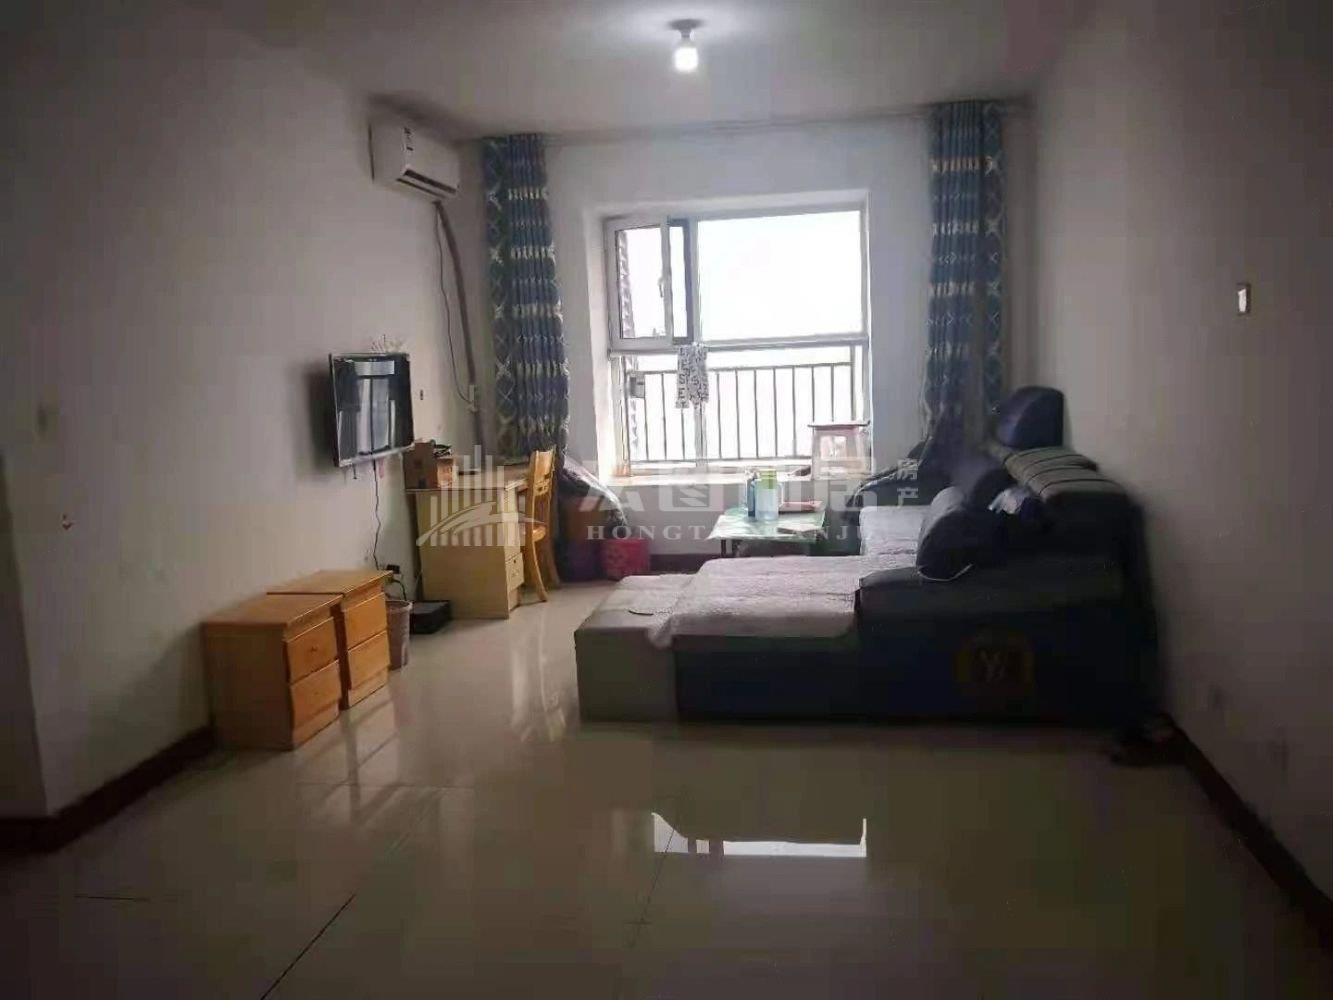 新 当代国际 精装两室 家具齐全 拎包入住